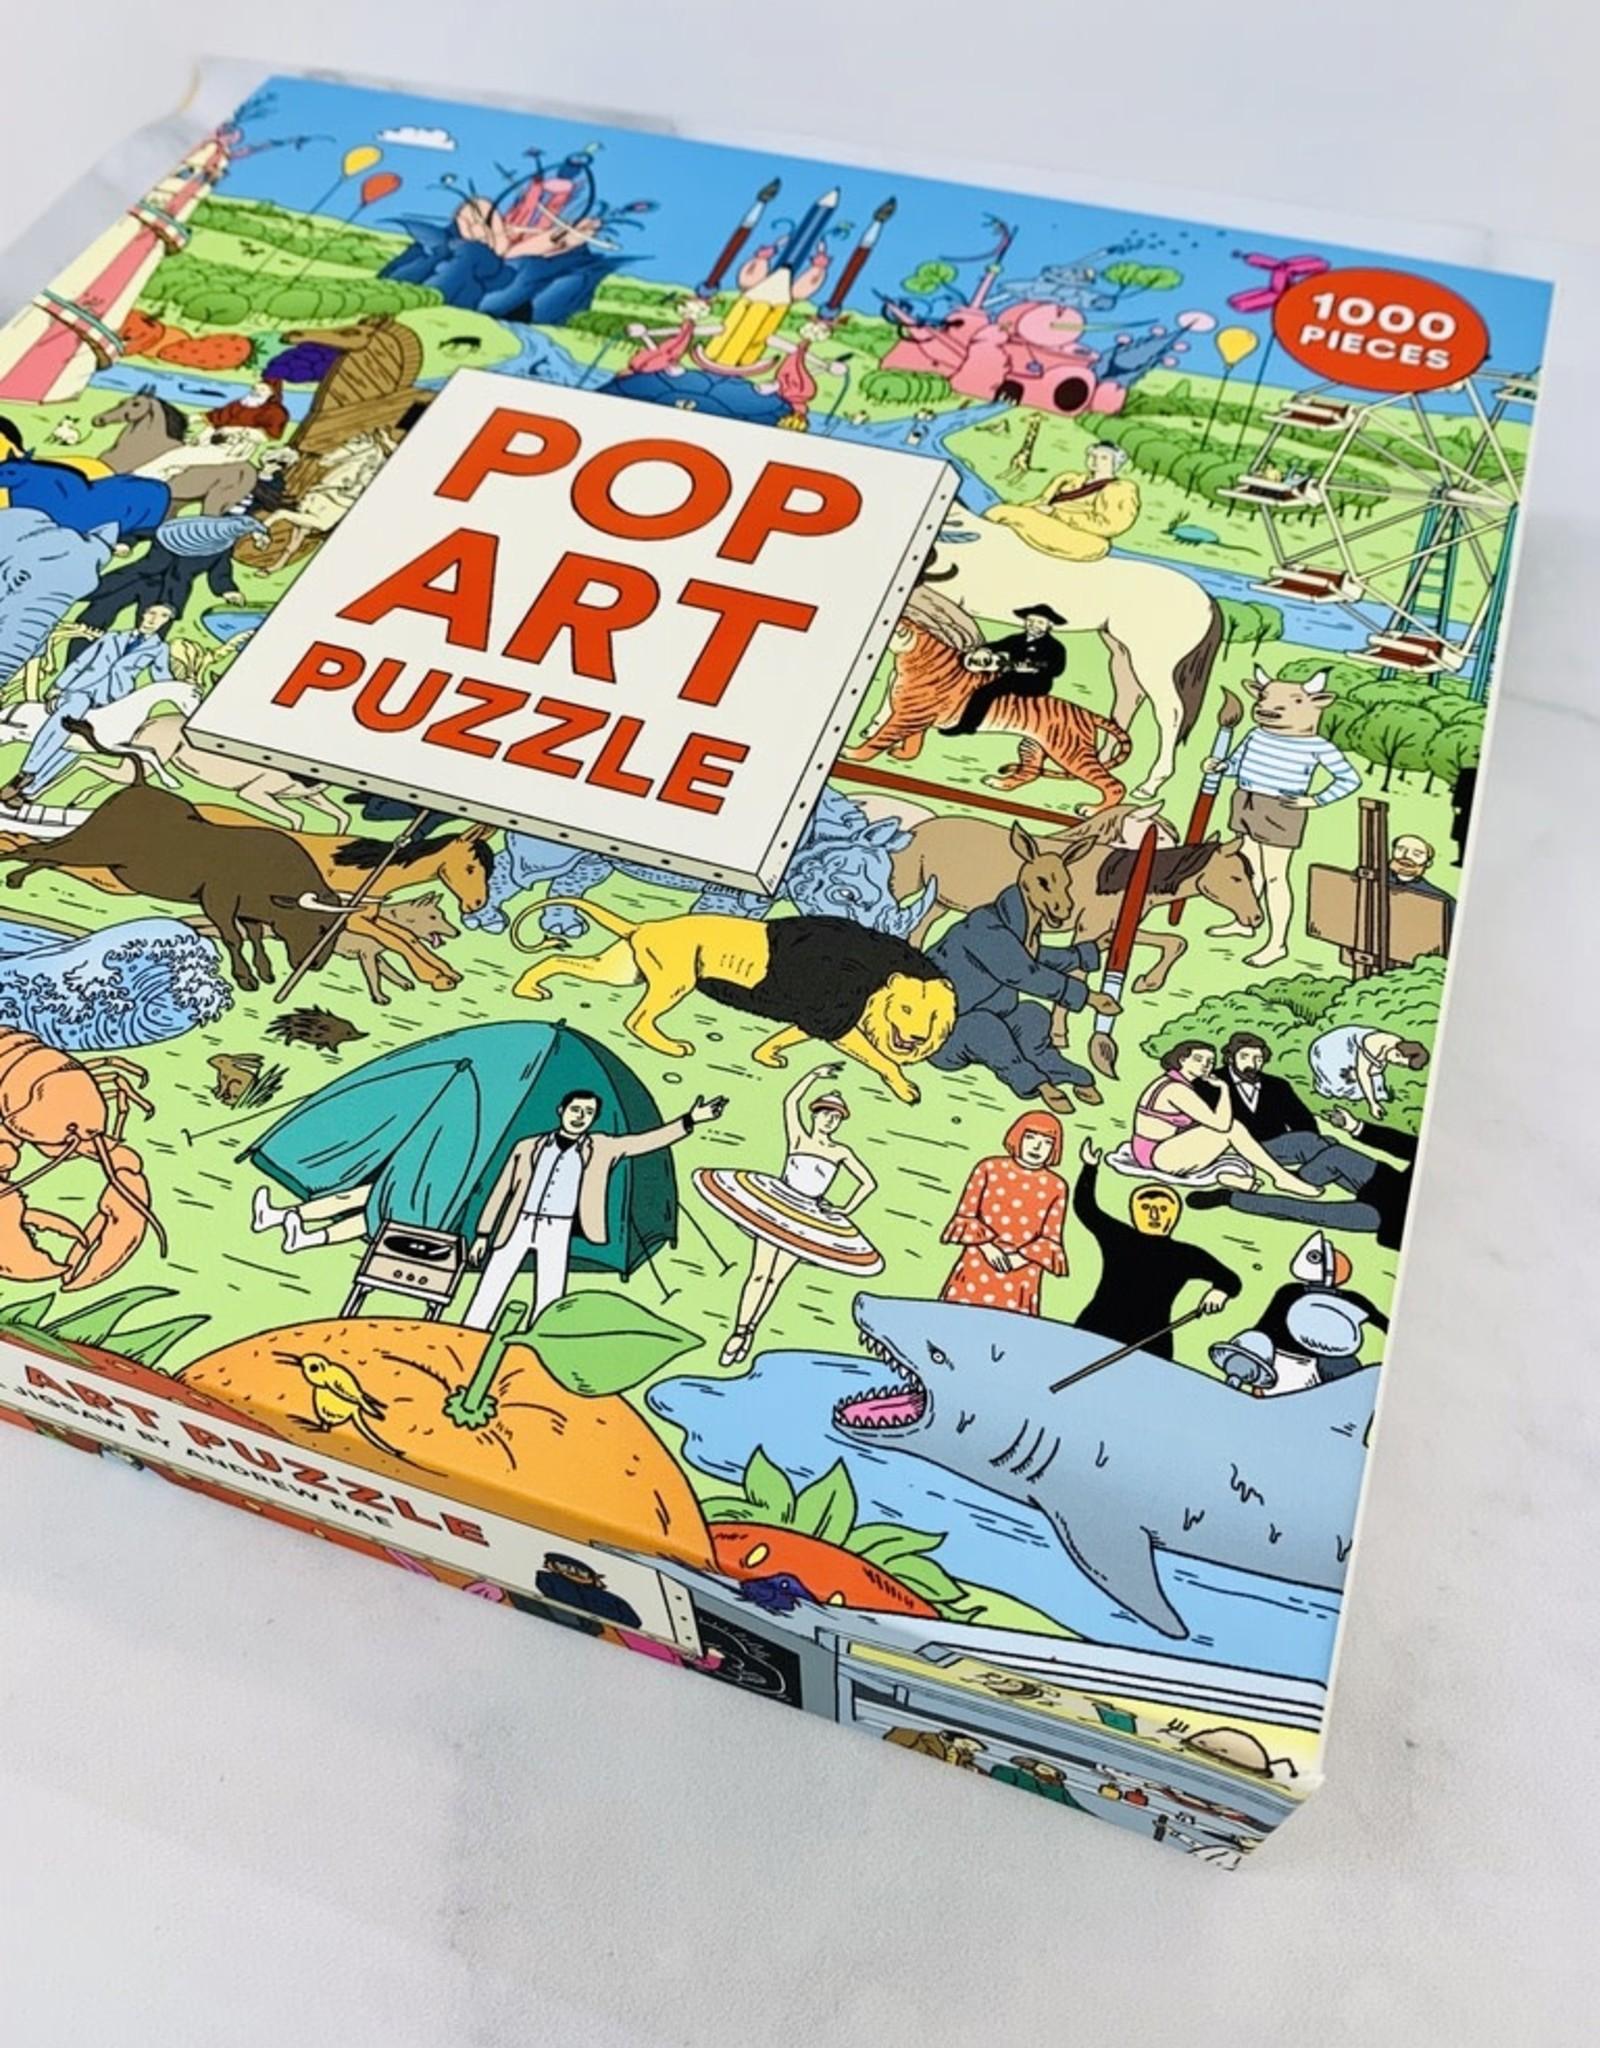 1000-pc Pop Art Puzzle